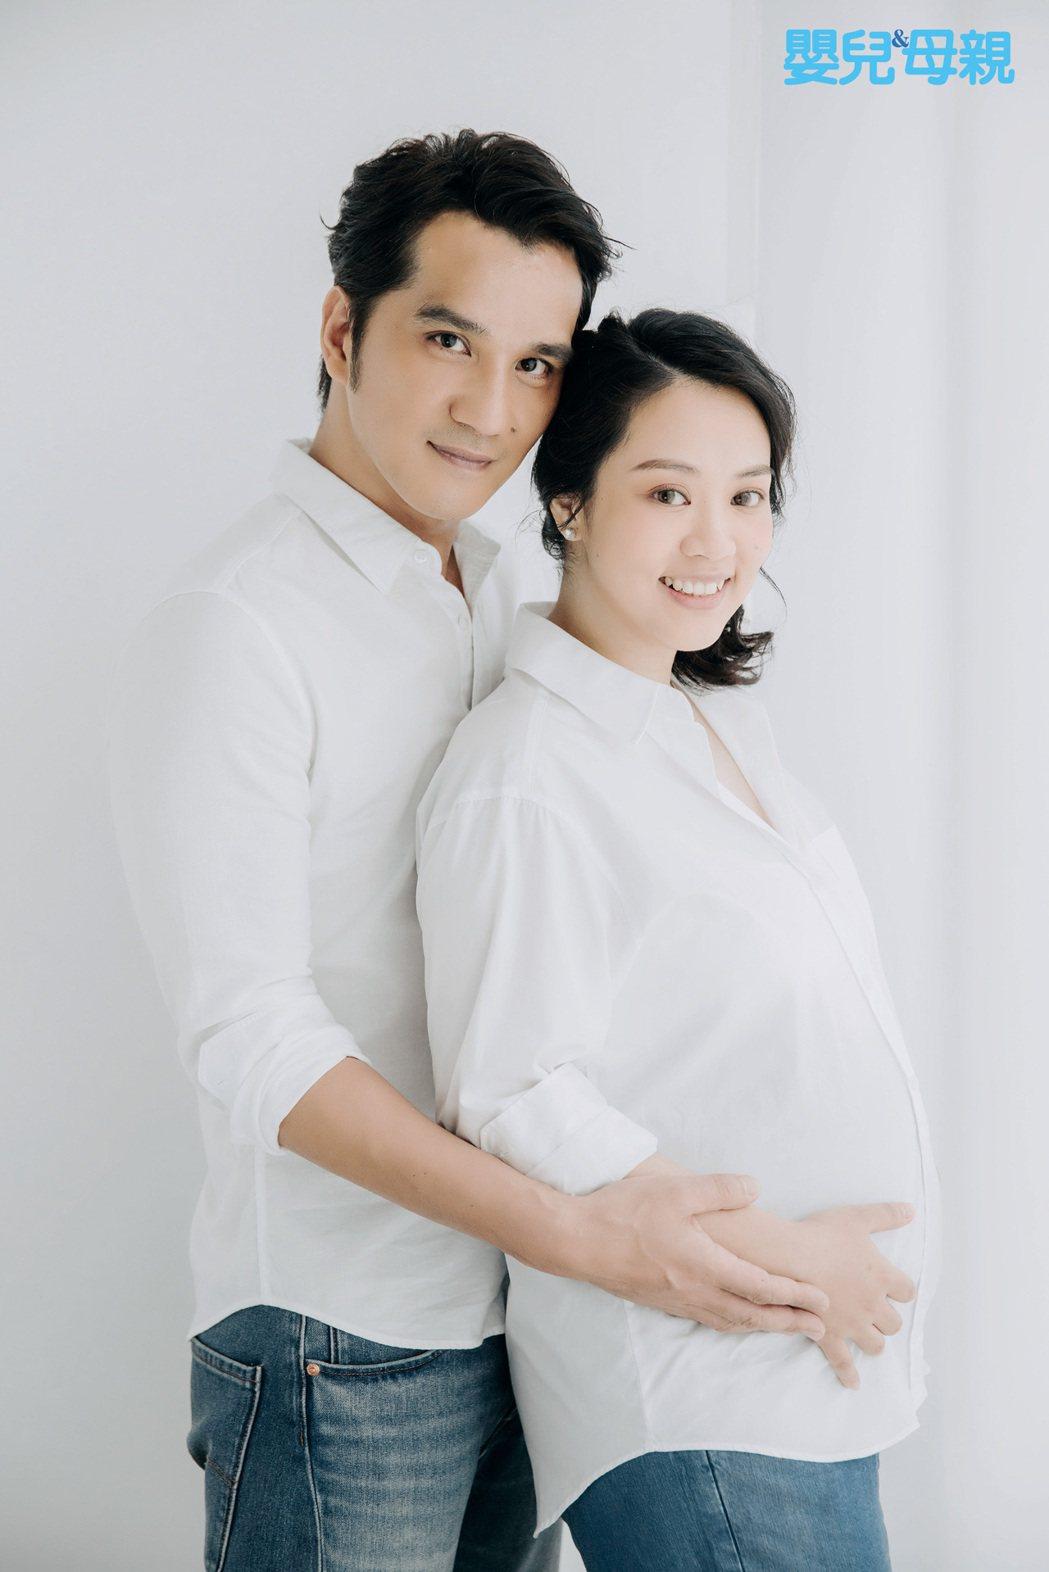 馬志翔(左)與老婆即將迎接新生命。圖/嬰兒與母親提供